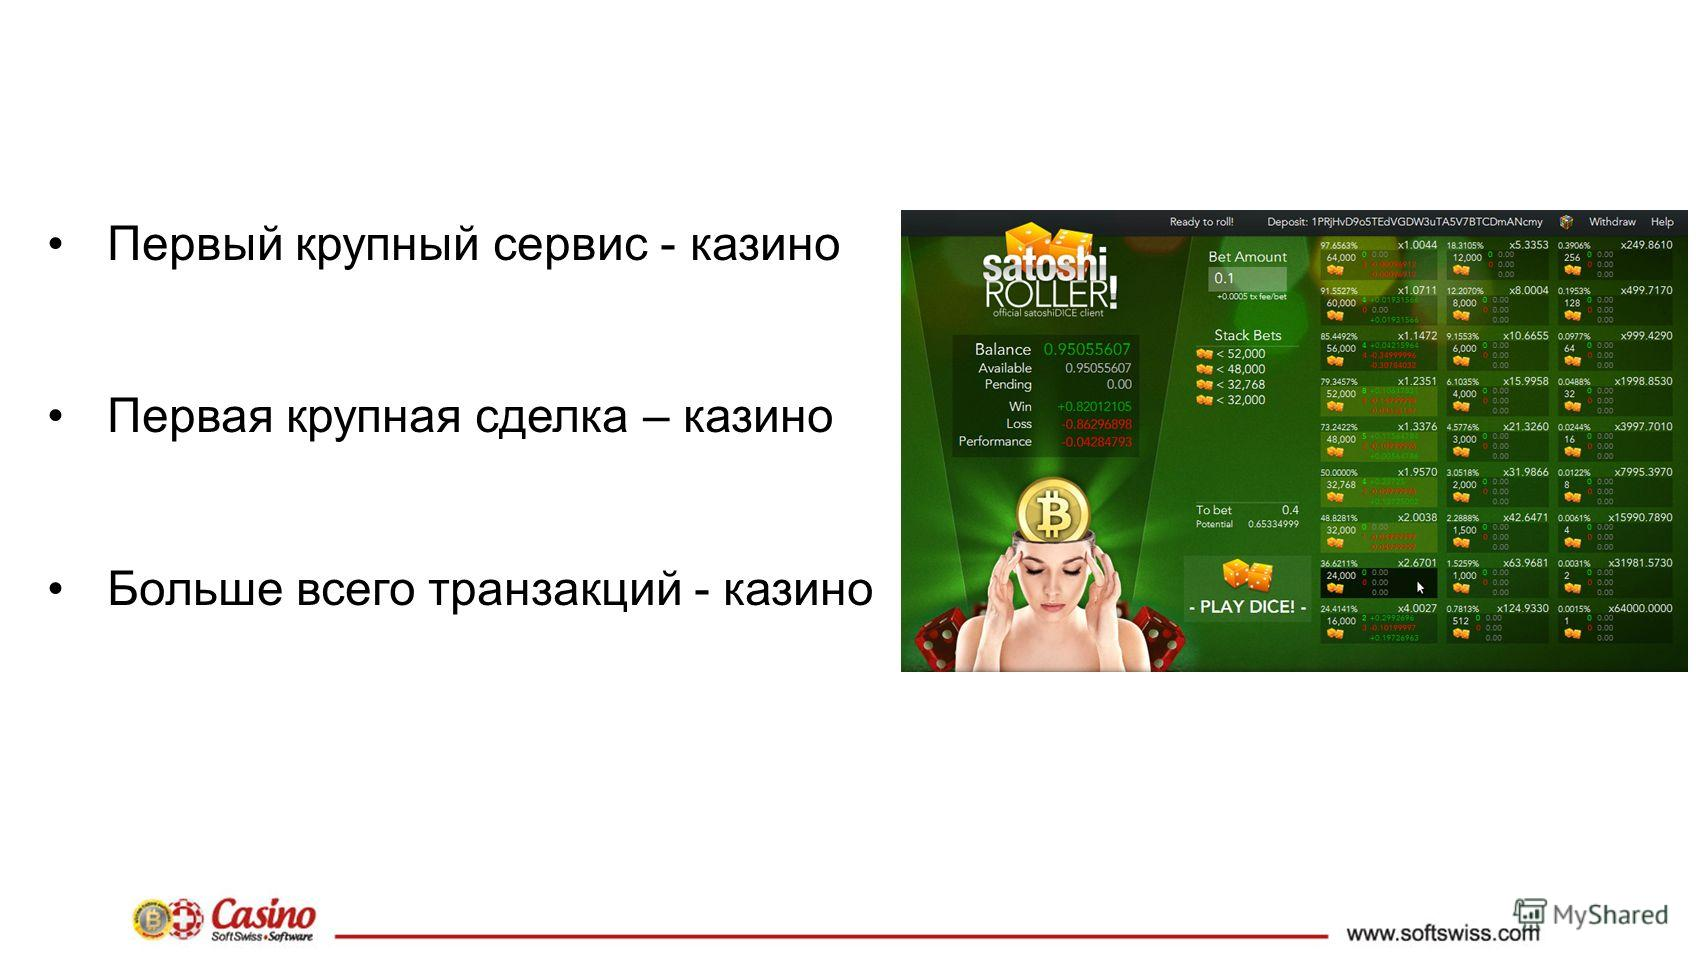 Первый крупный сервис - казино Первая крупная сделка – казино Больше всего транзакций - казино